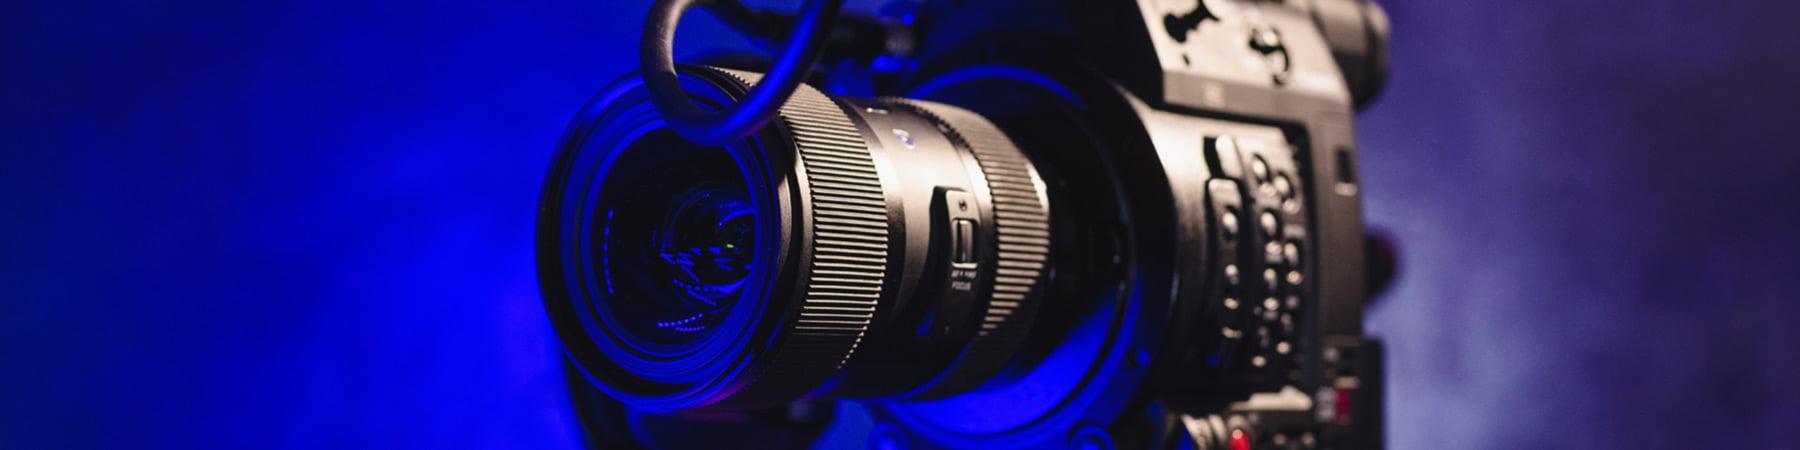 Video İçerik Üretim Hizmeti